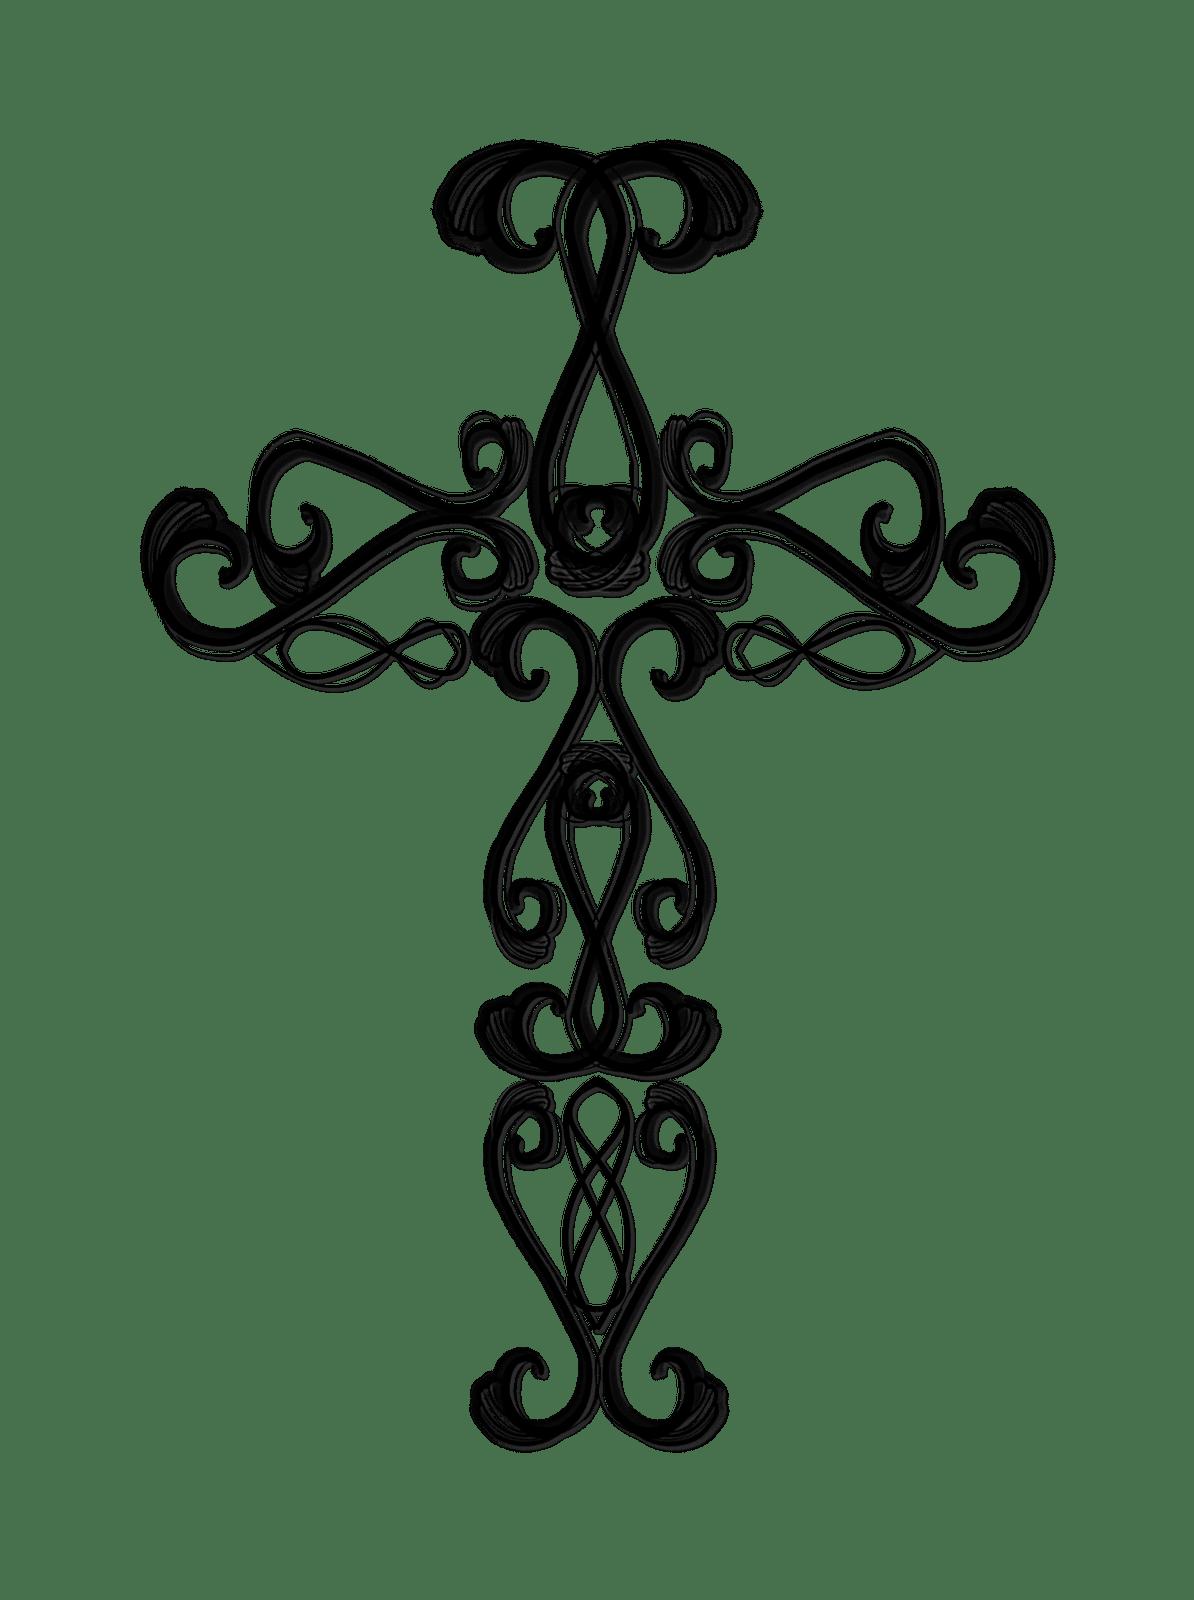 Catholic Cross Drawing Clipart Panda